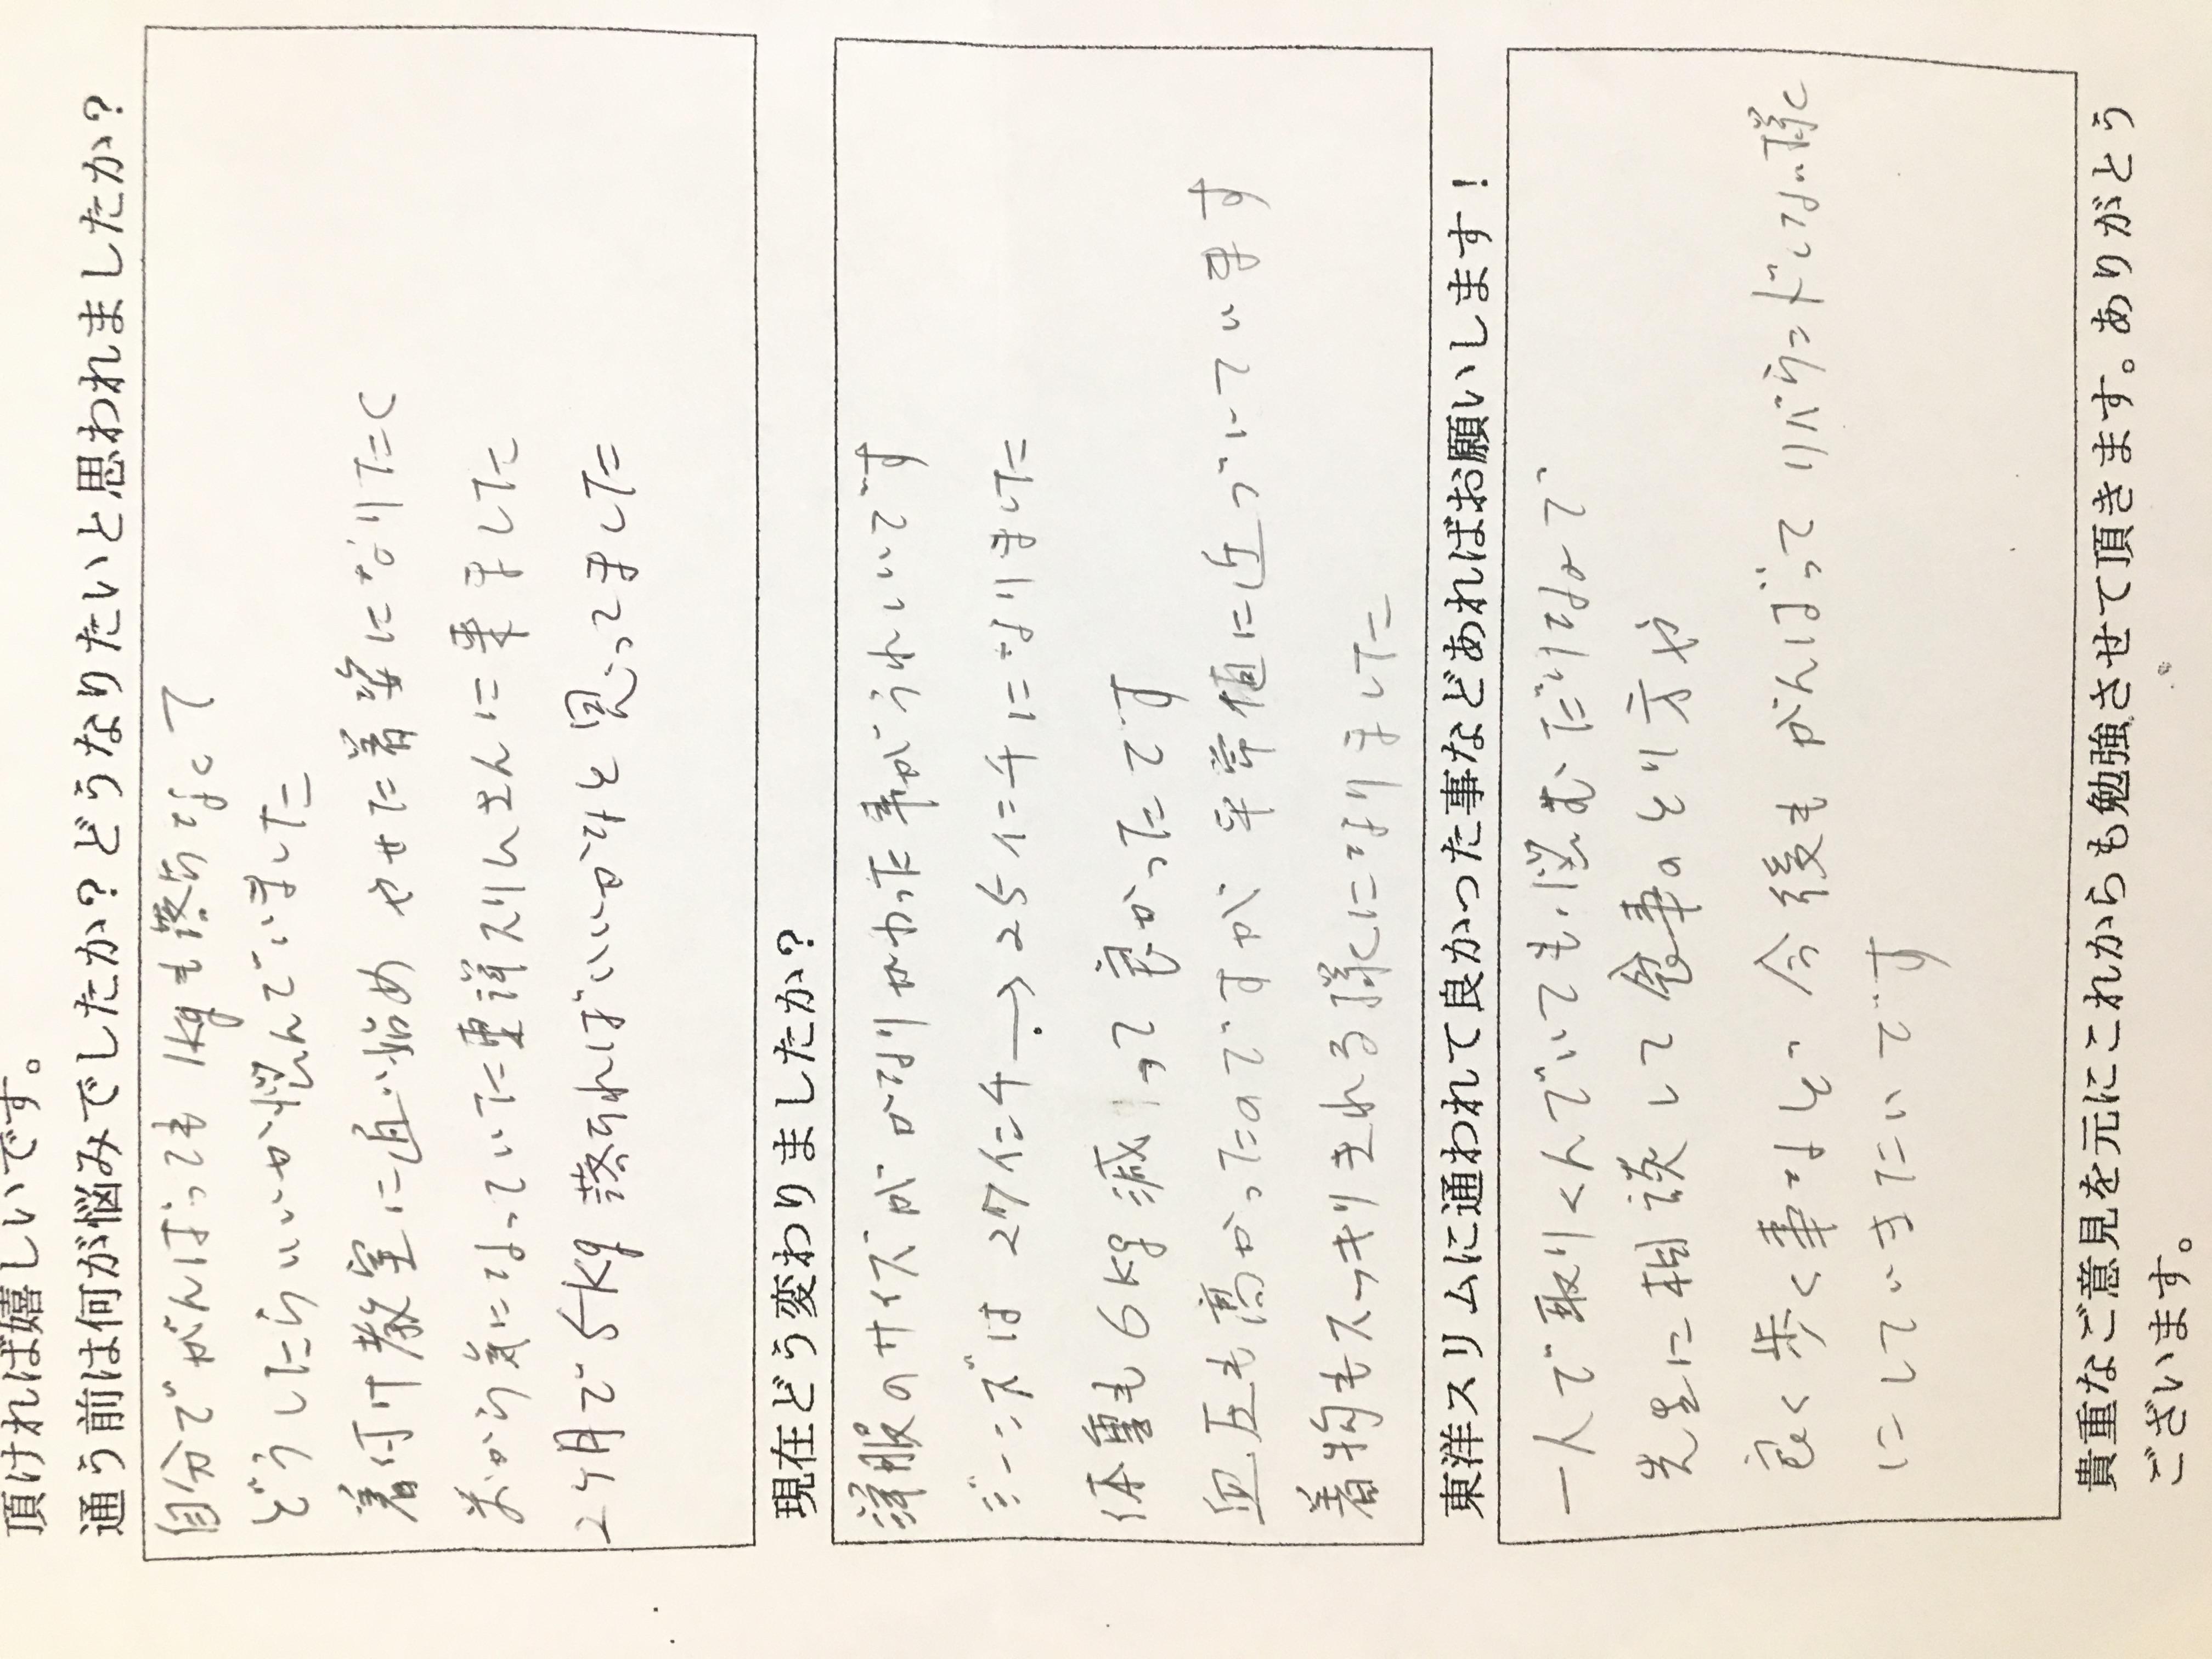 大阪府松原市Mさん58才耳つぼ痩身法でー6kgダイエット成功